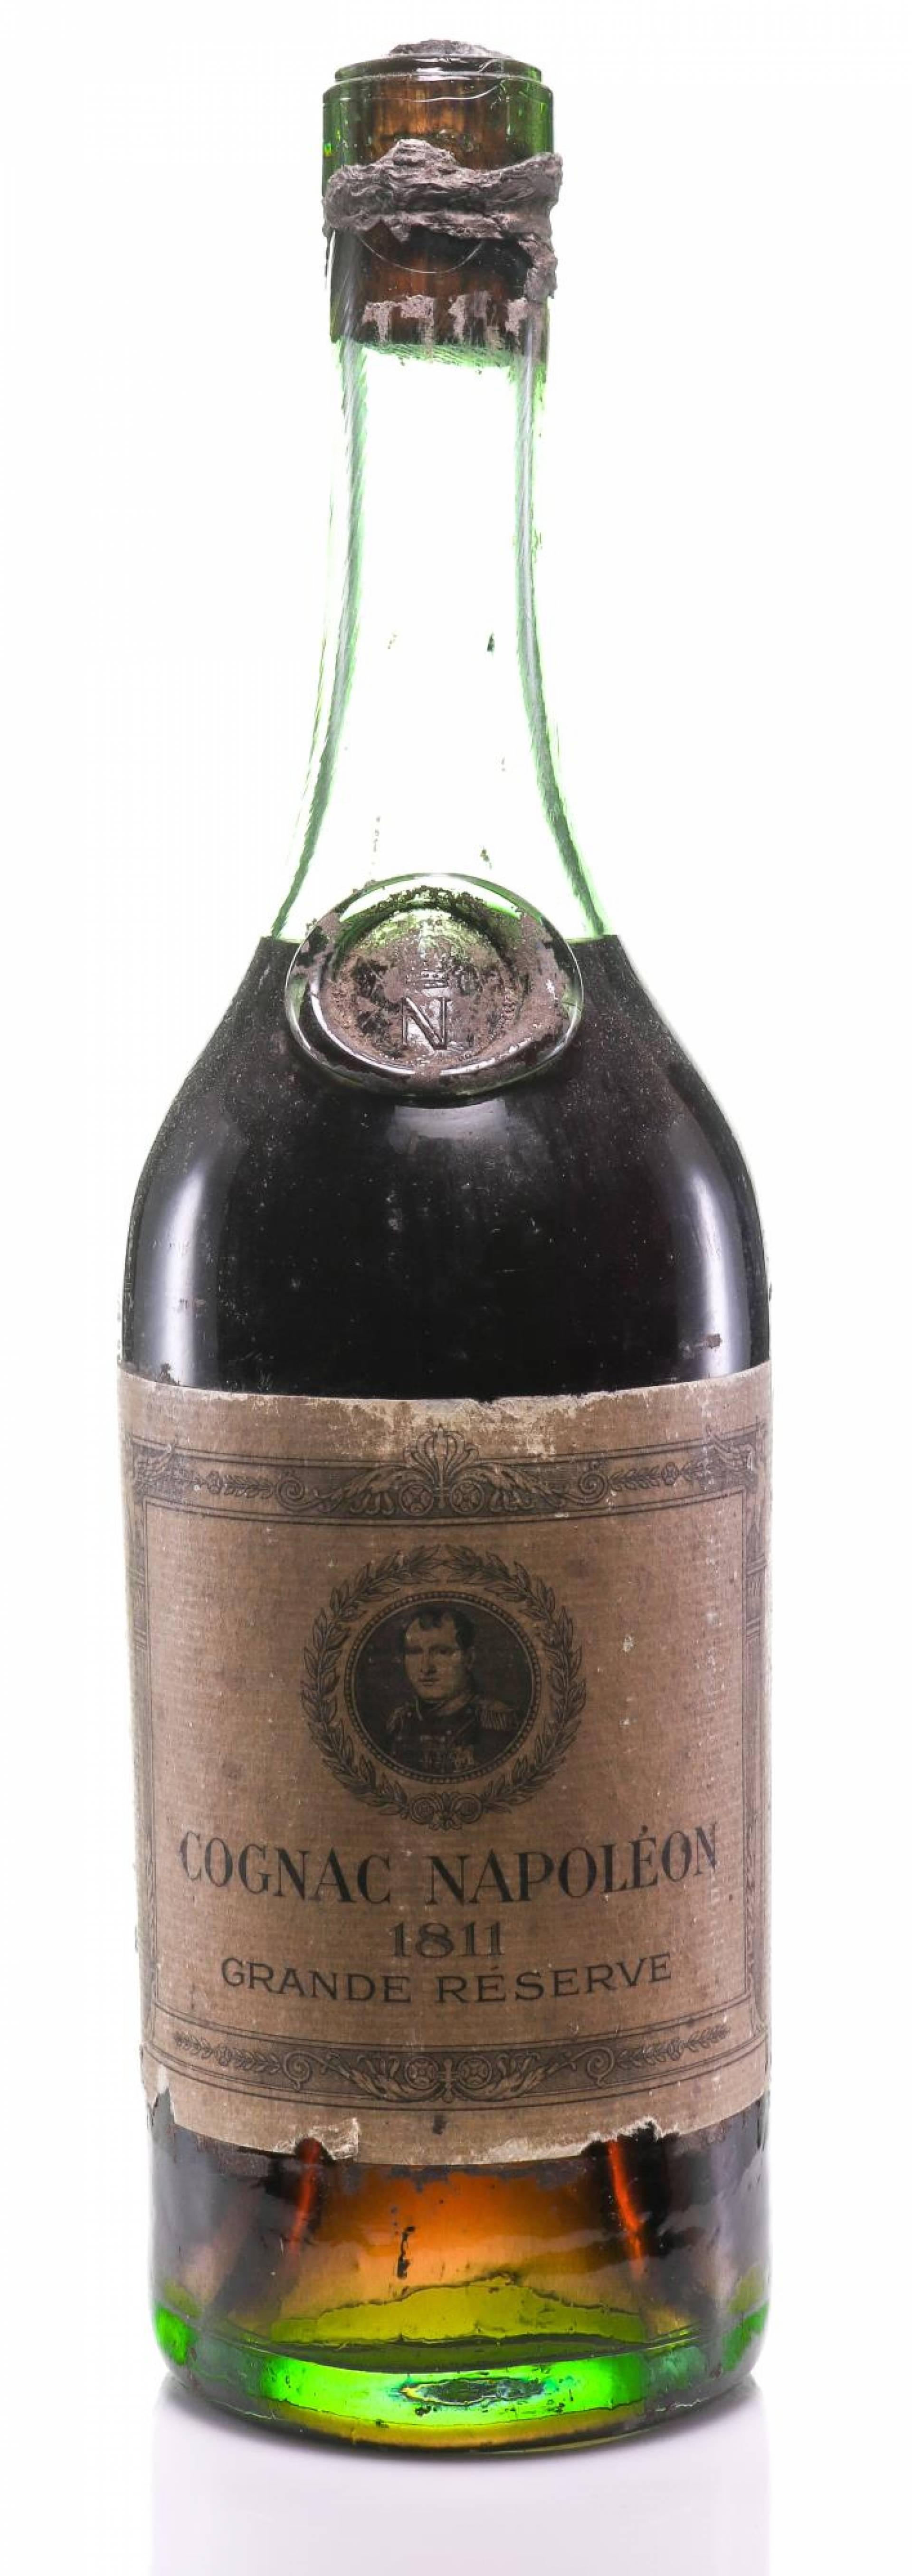 Cognac 1811 Napoléon Grande Réserve